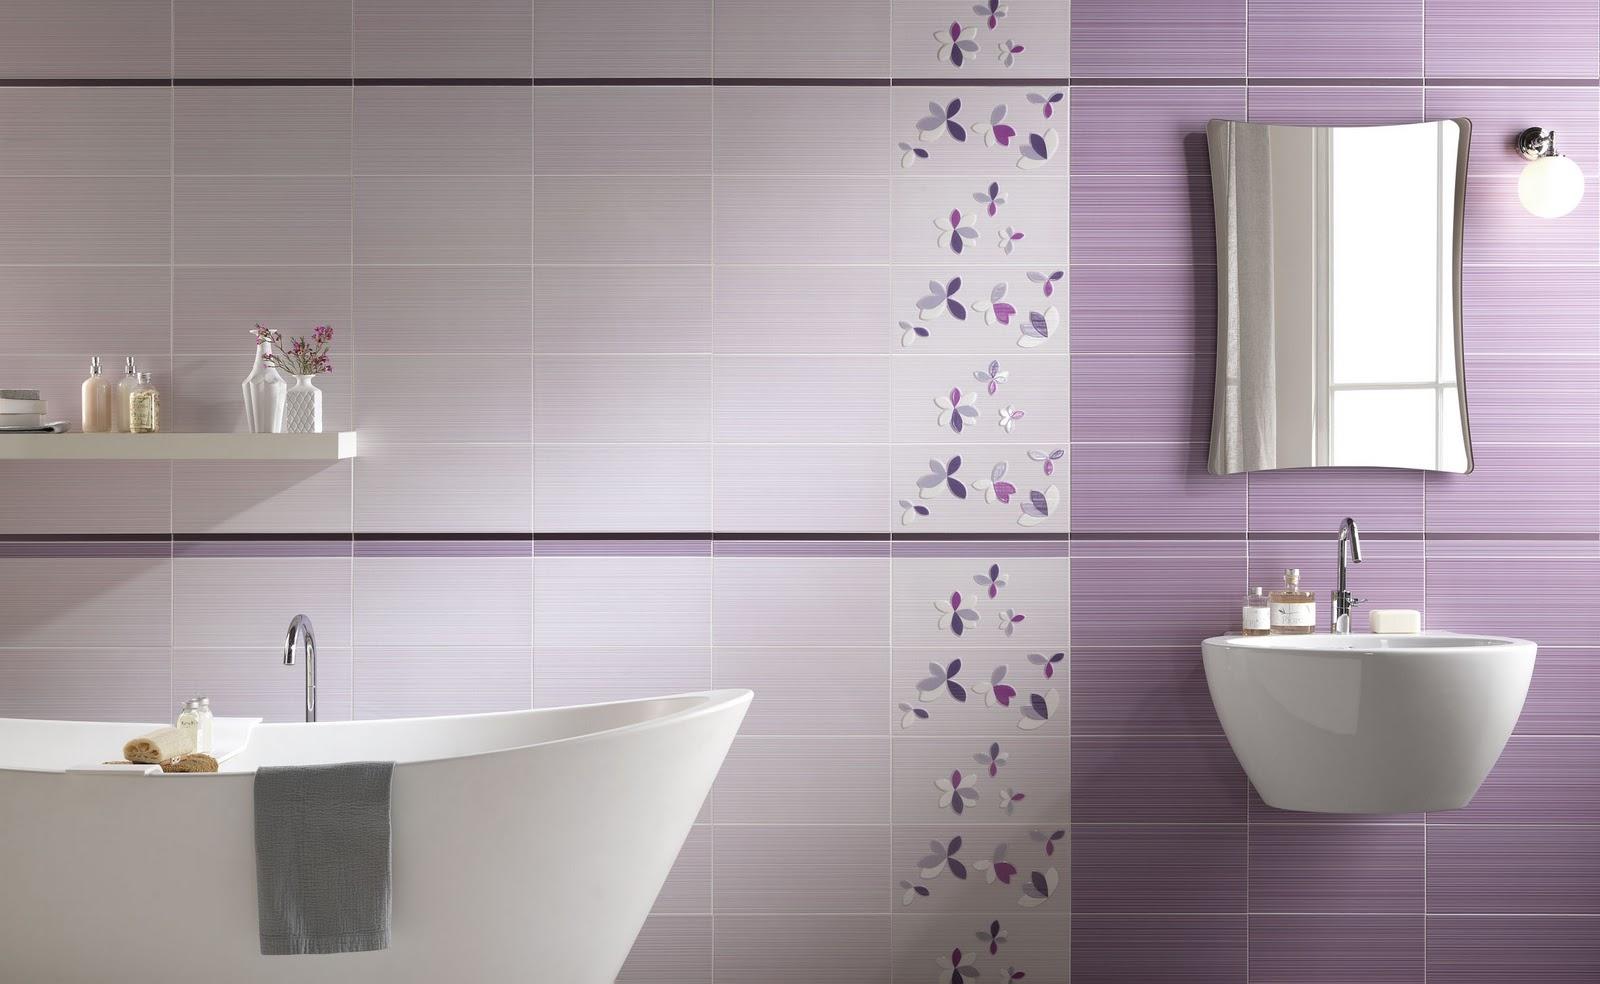 Bagno bianco mosaico : piastrelle bagno mosaico bianco. bagno ...